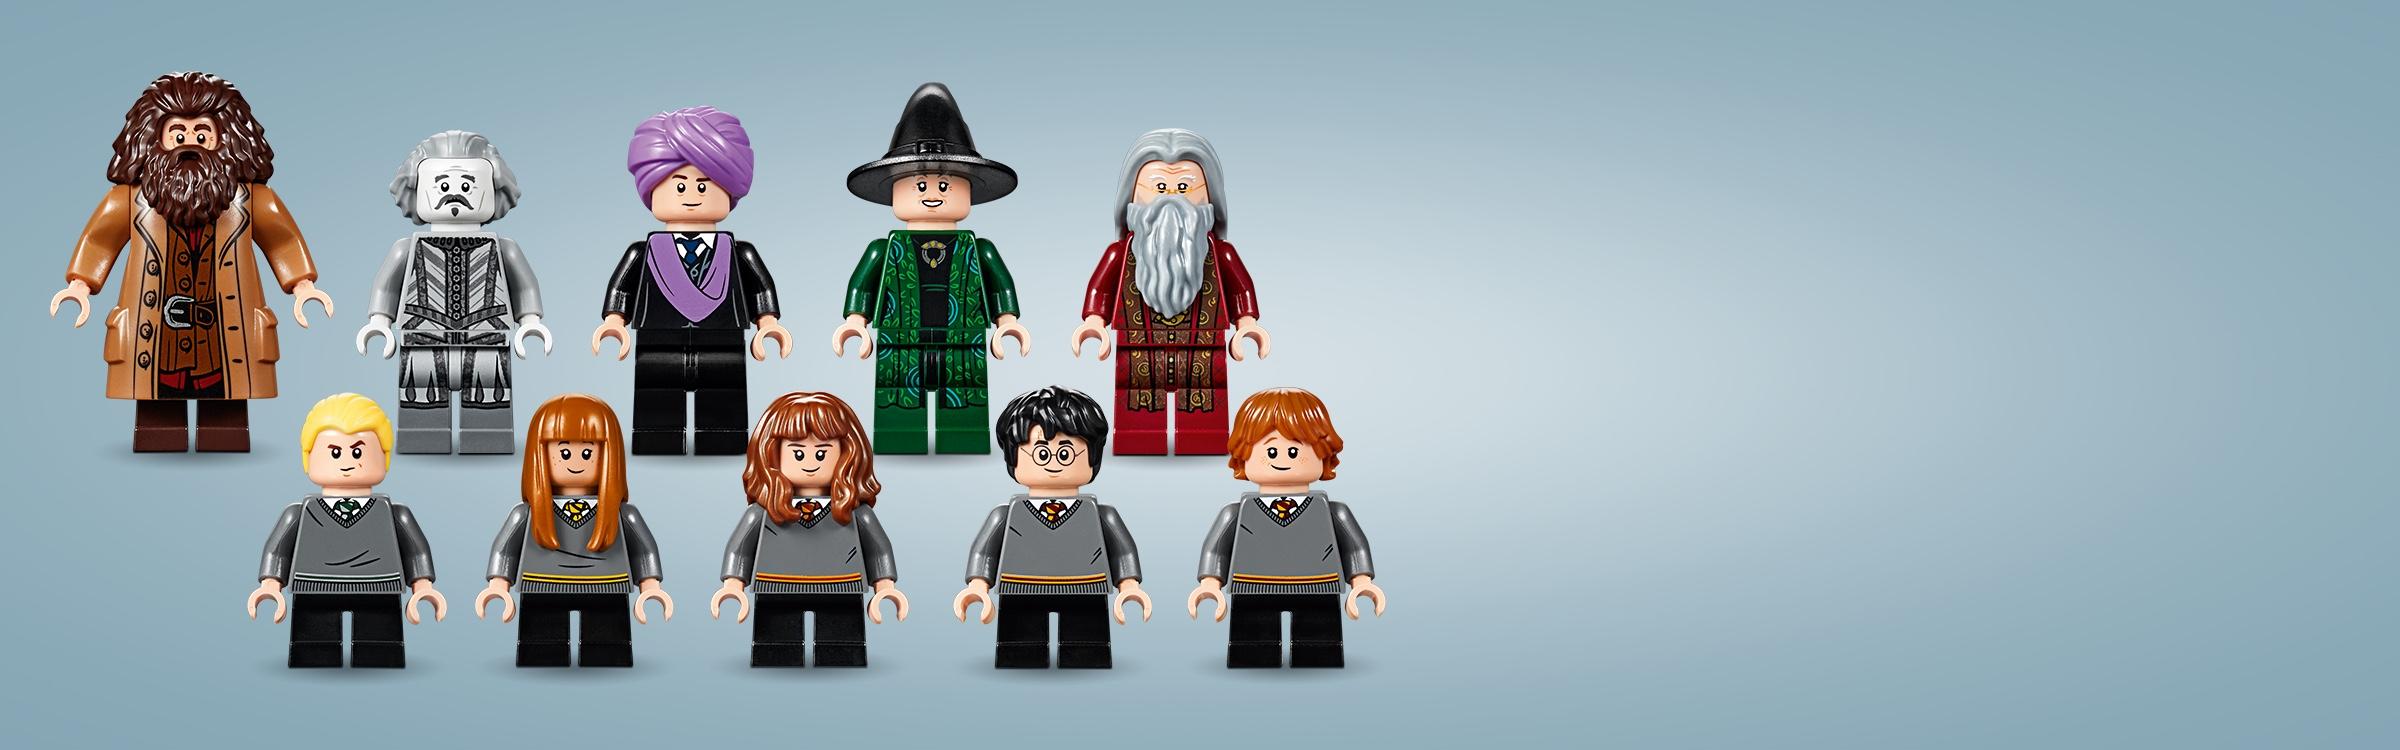 LEGO HAGRID MINIFIGURE HARRY POTTER HOGWARTS BIG MINIFIG